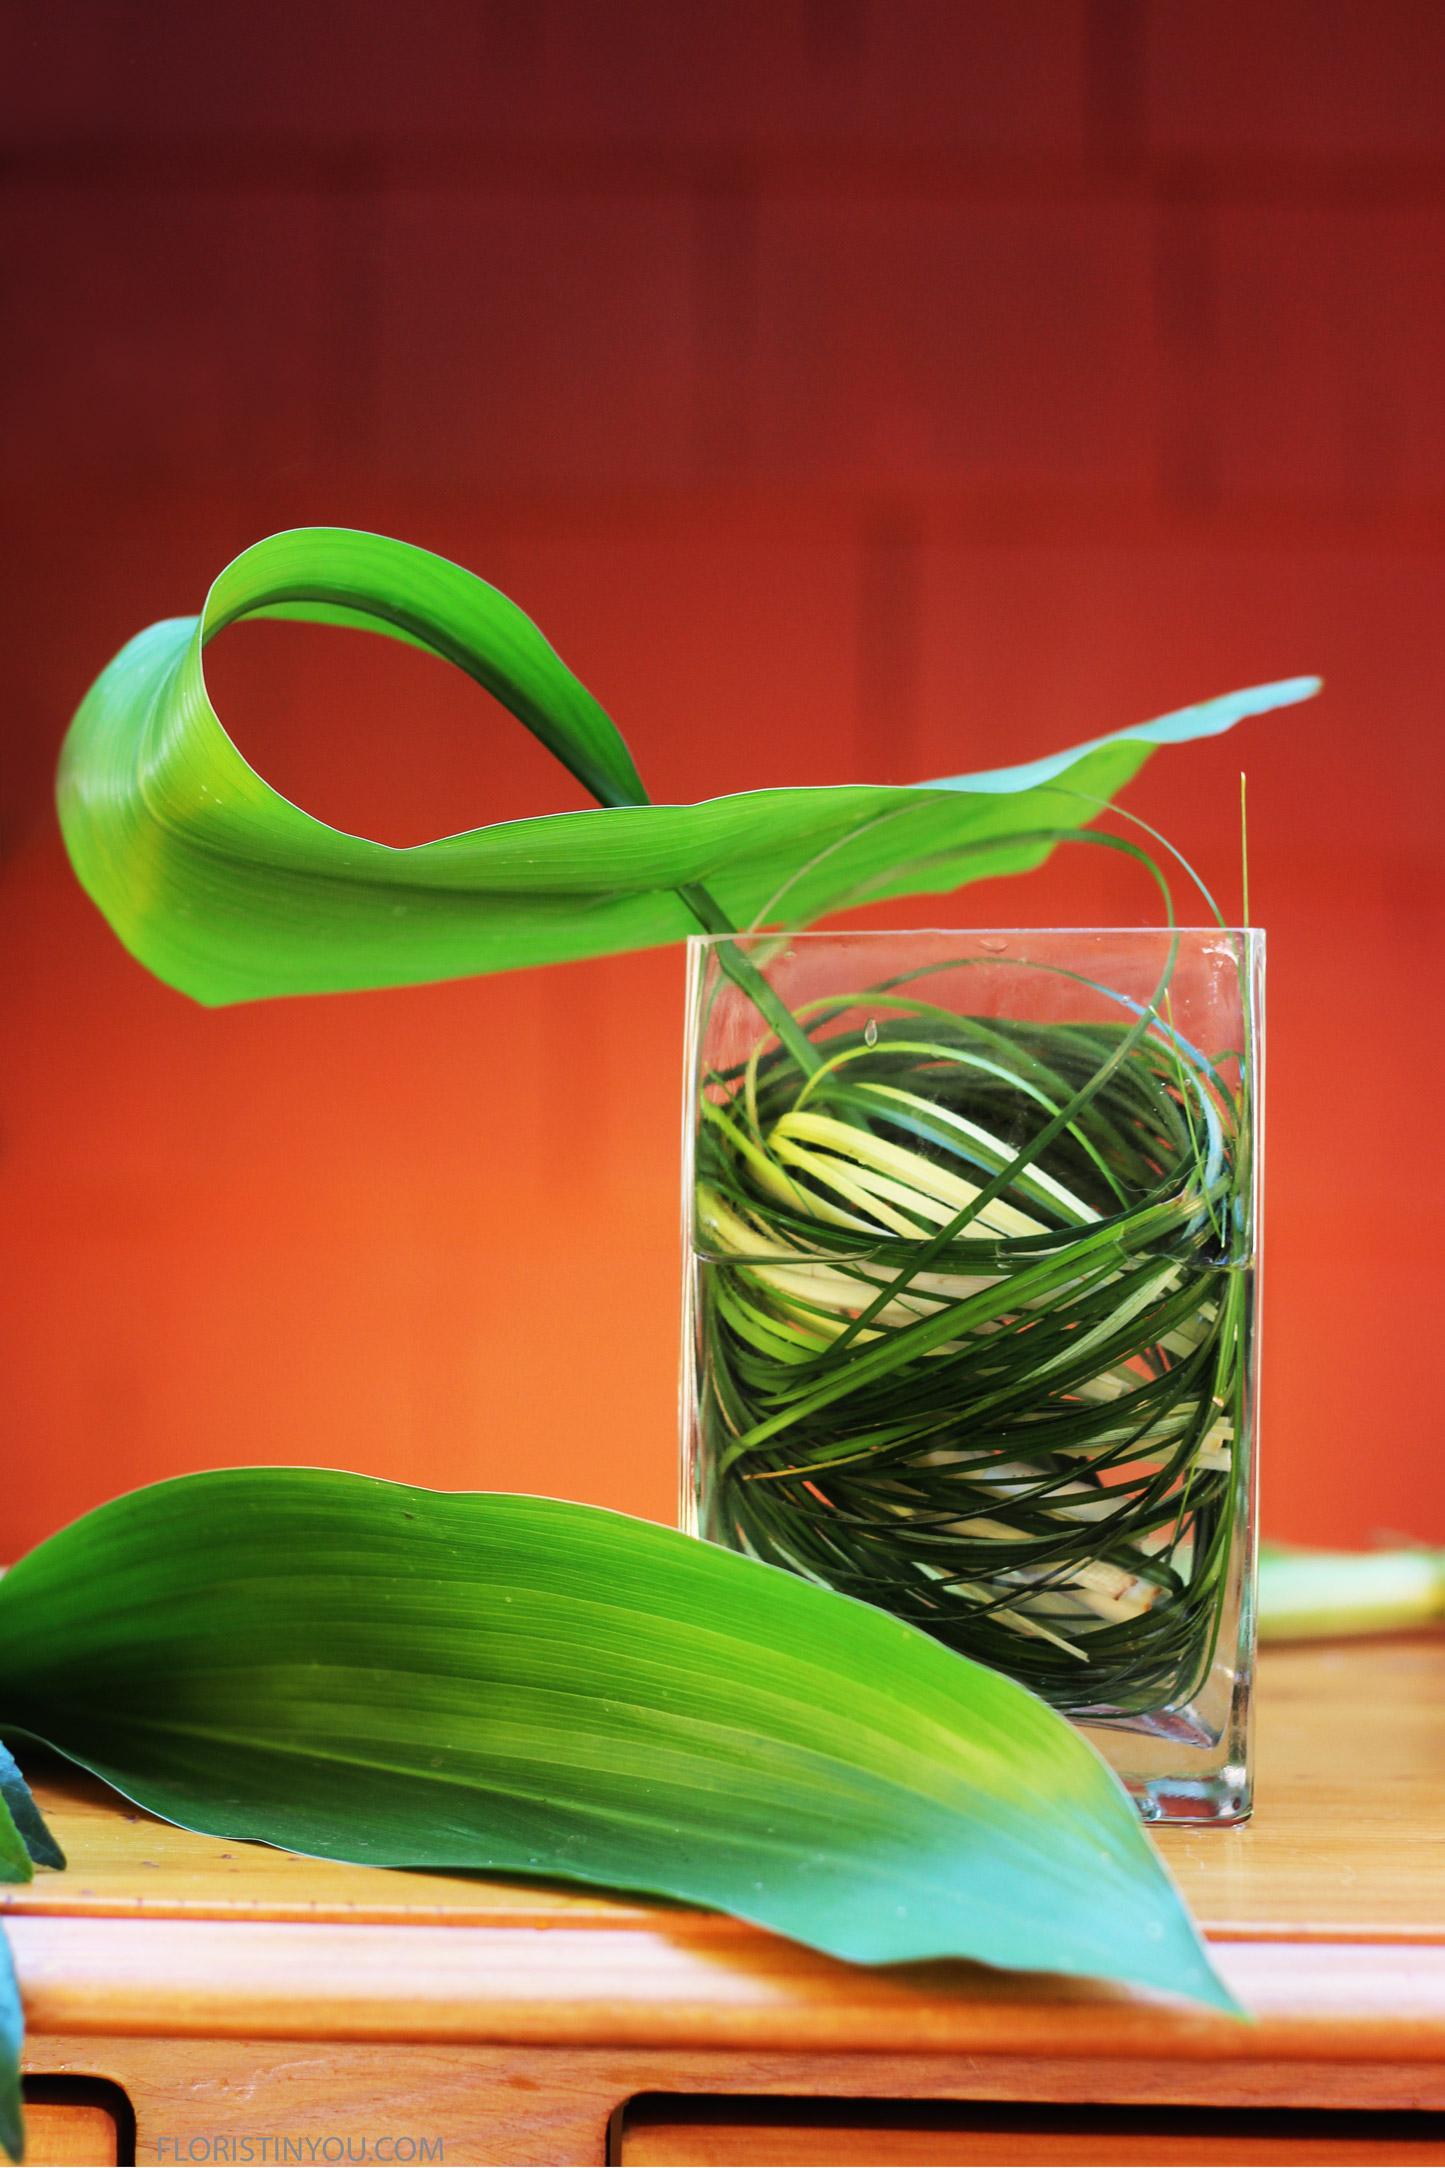 Put pierced Tea Leaf on the left side of the vase.